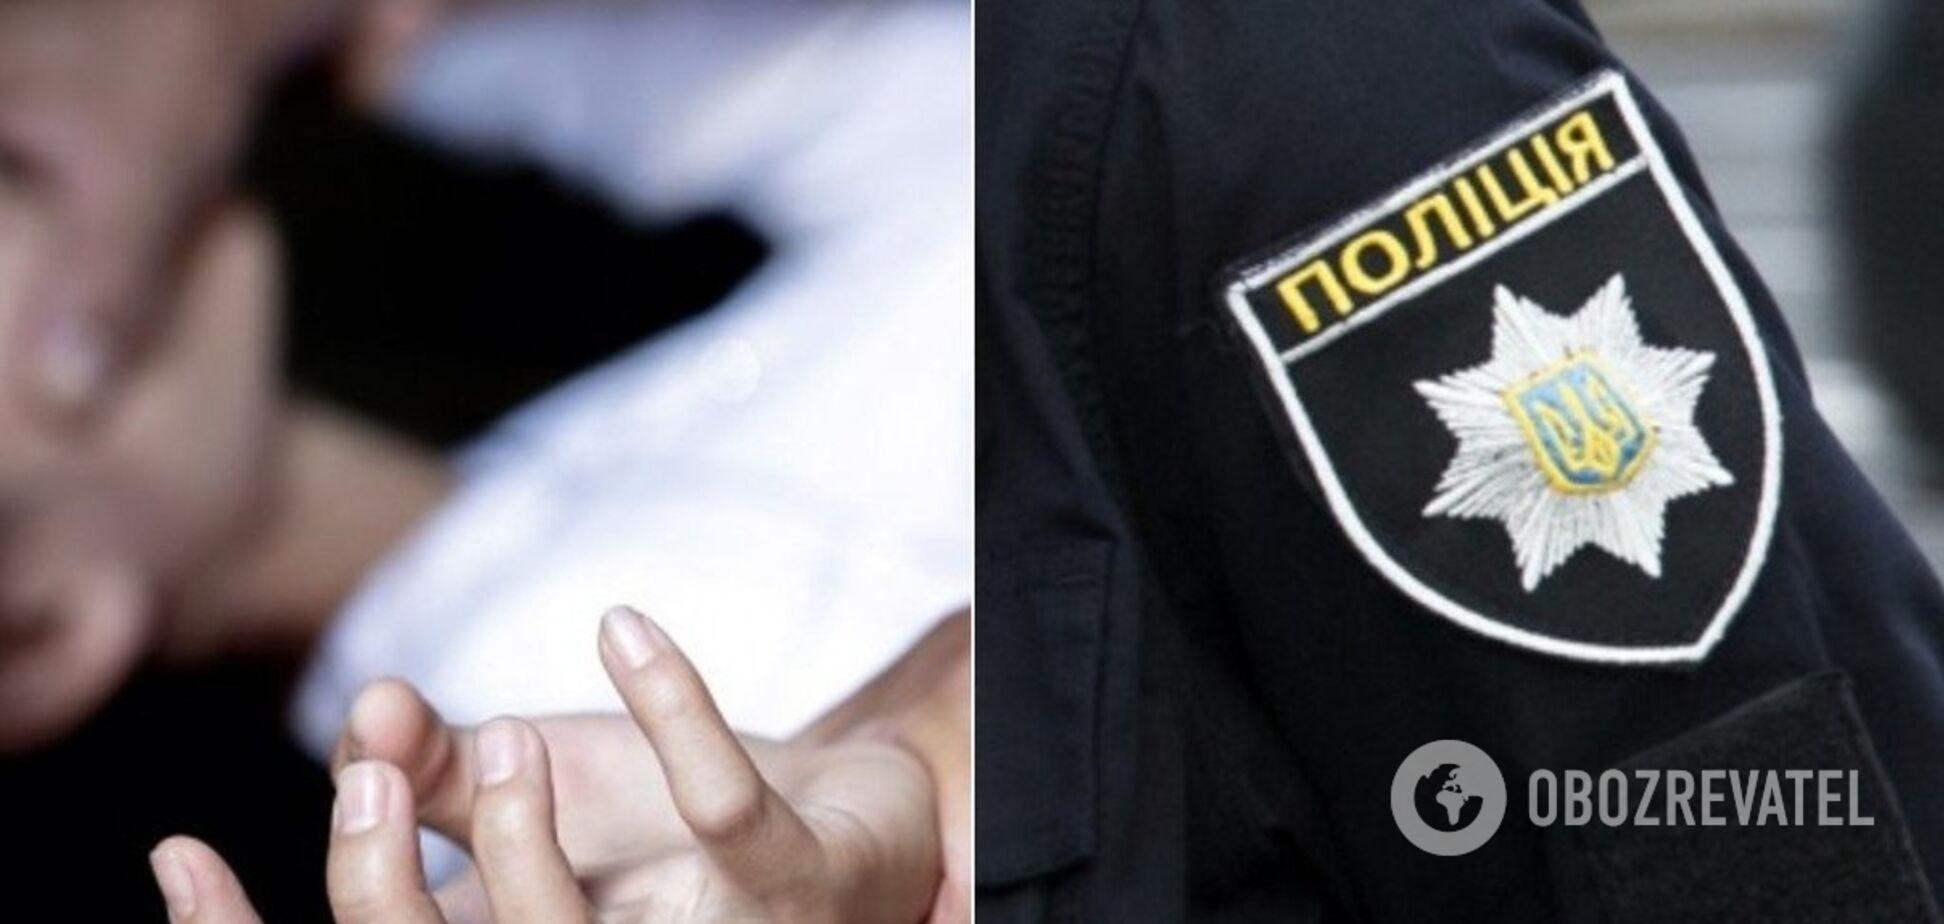 В Киеве насильник 17 раз ударил ножом свою жертву: фоторобот подозреваемого